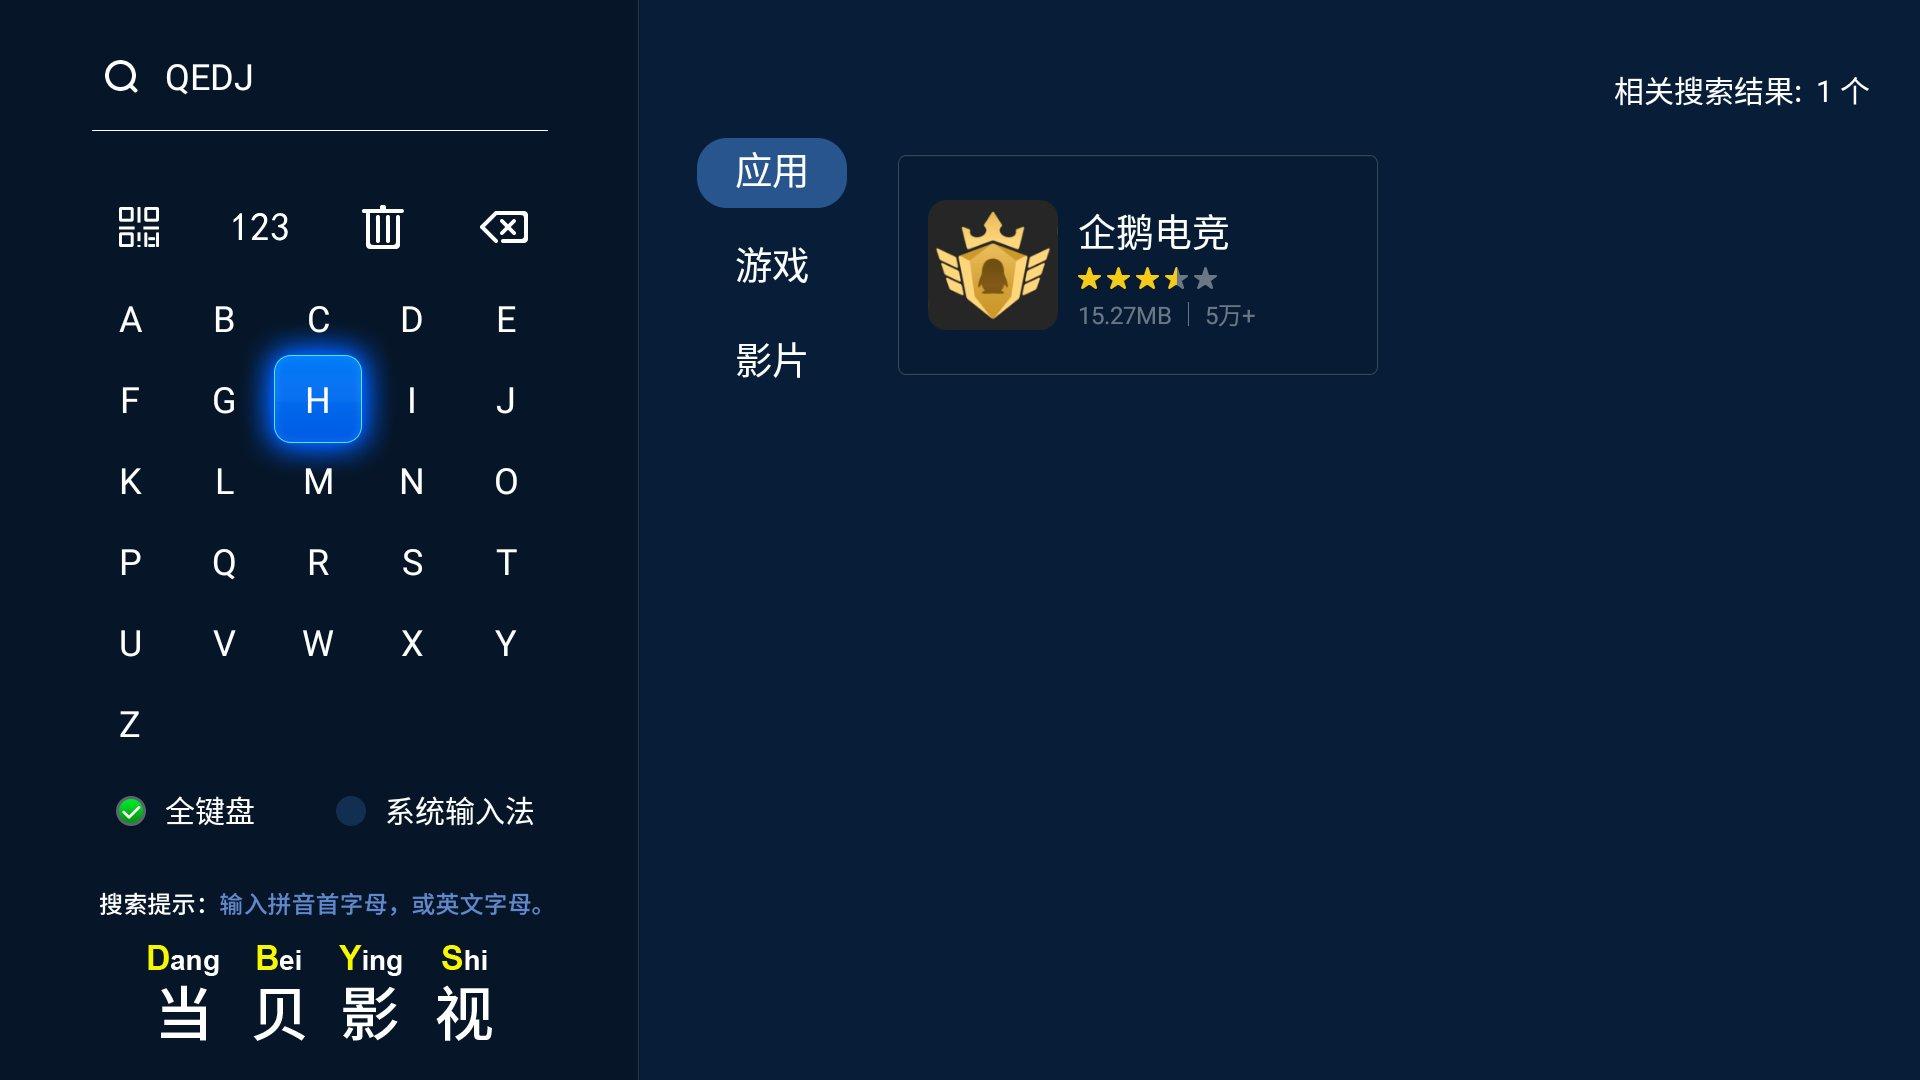 企鹅电竞app下载 企鹅电竞手机直播客户端下载v5.... _旋风软件园